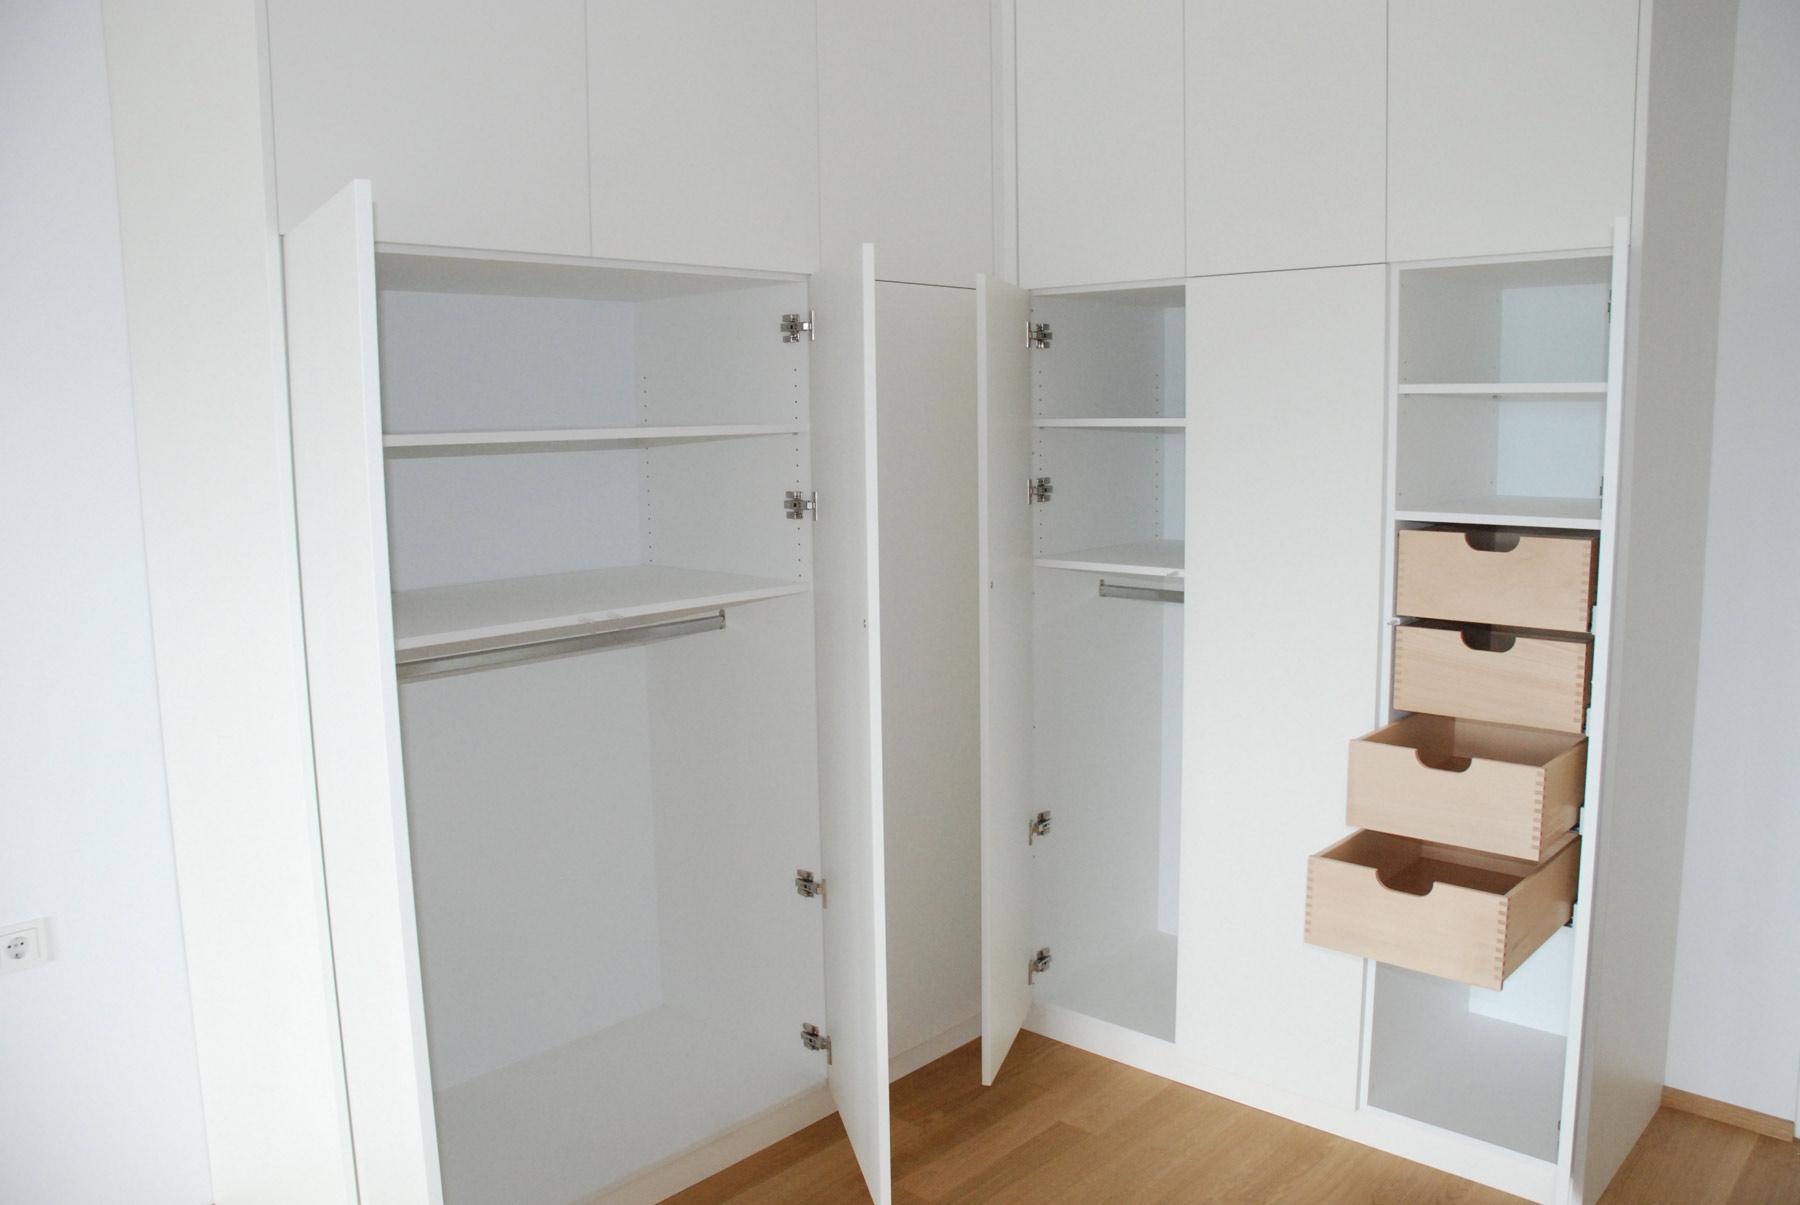 Schlafzimmer Eckschrank weiss lackiert ohne Griffe